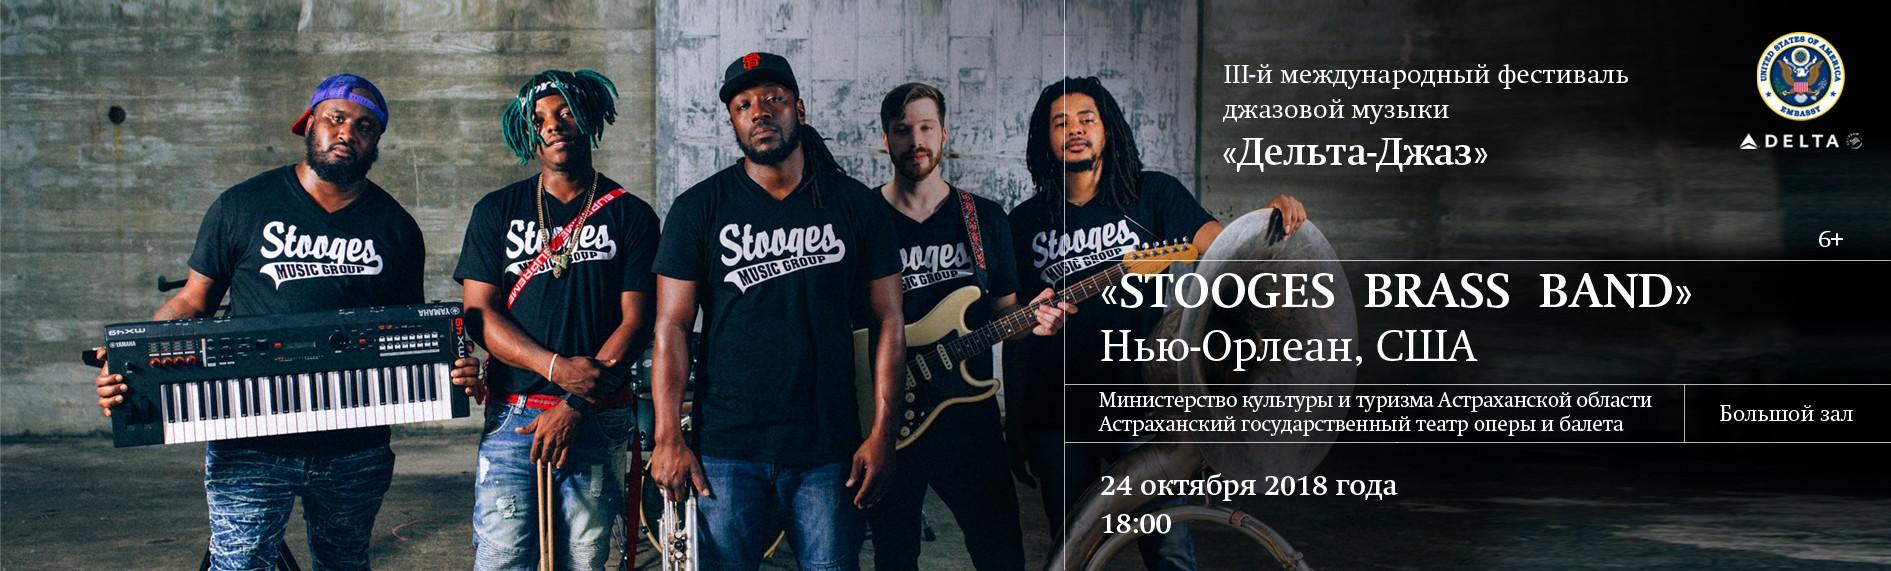 """Международный фестиваль""""Дельта-джаз"""" Stooges Brass Band, США"""